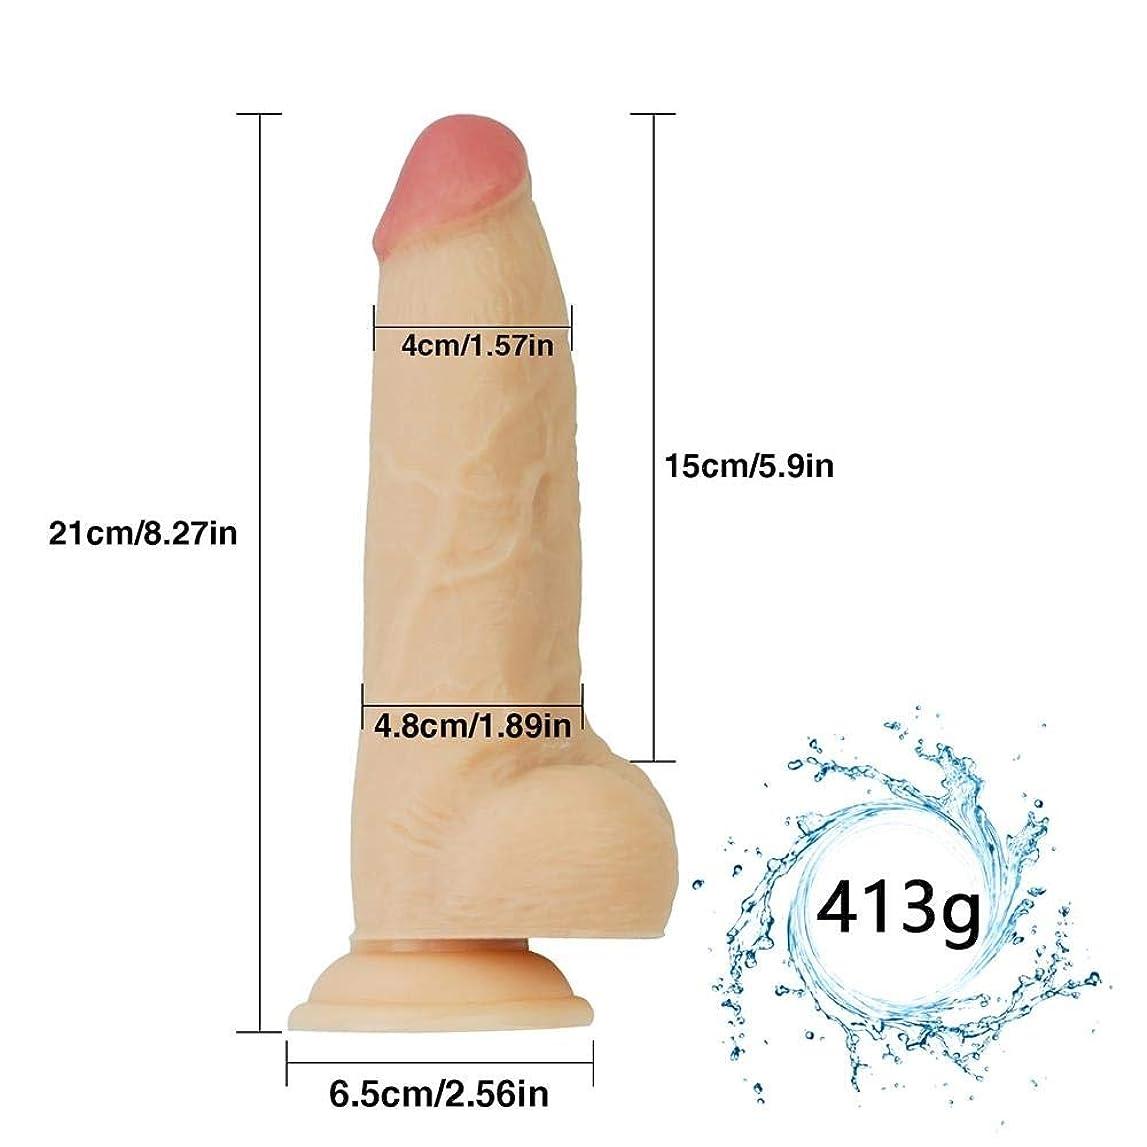 ハッチ回転する和解するSONGYU 女性初心者のための吸引カップ8.27インチの現実的な柔らかいマッサージの細い棒